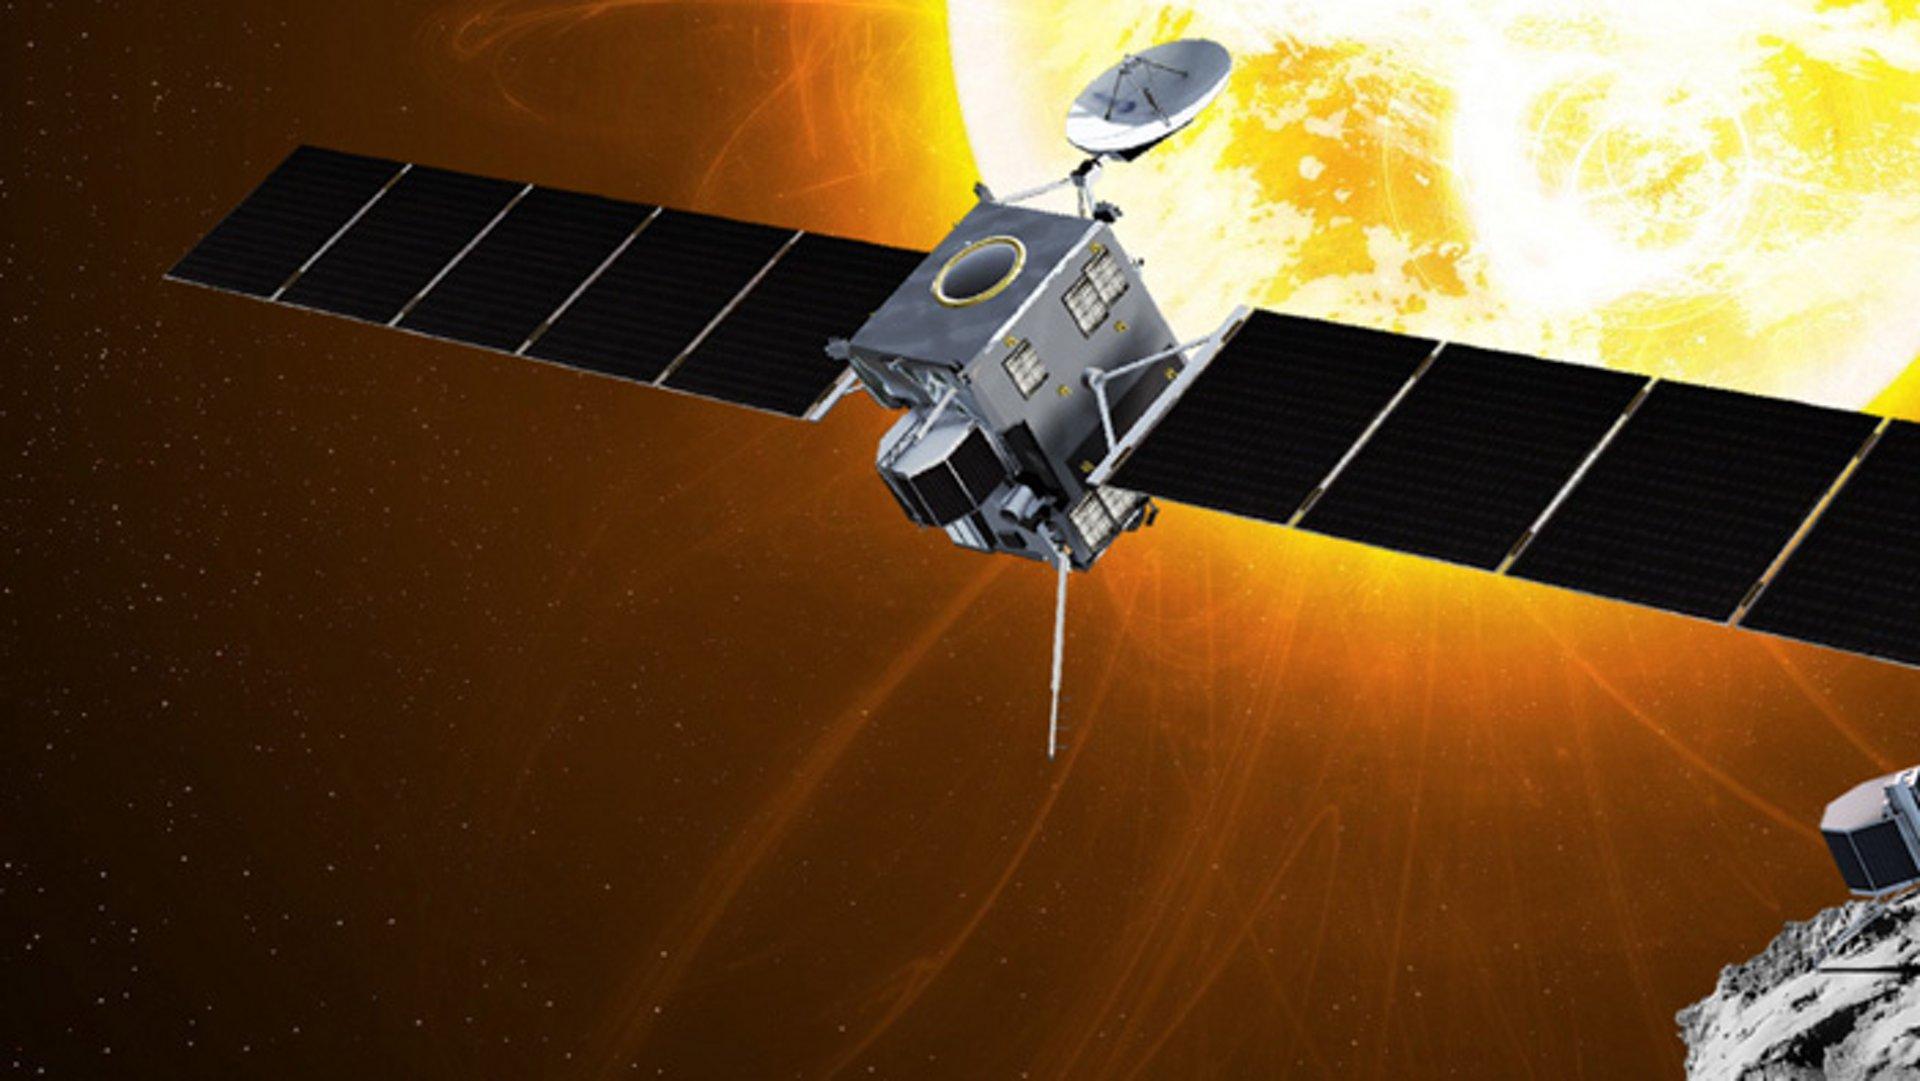 Rosetta probe on the spot